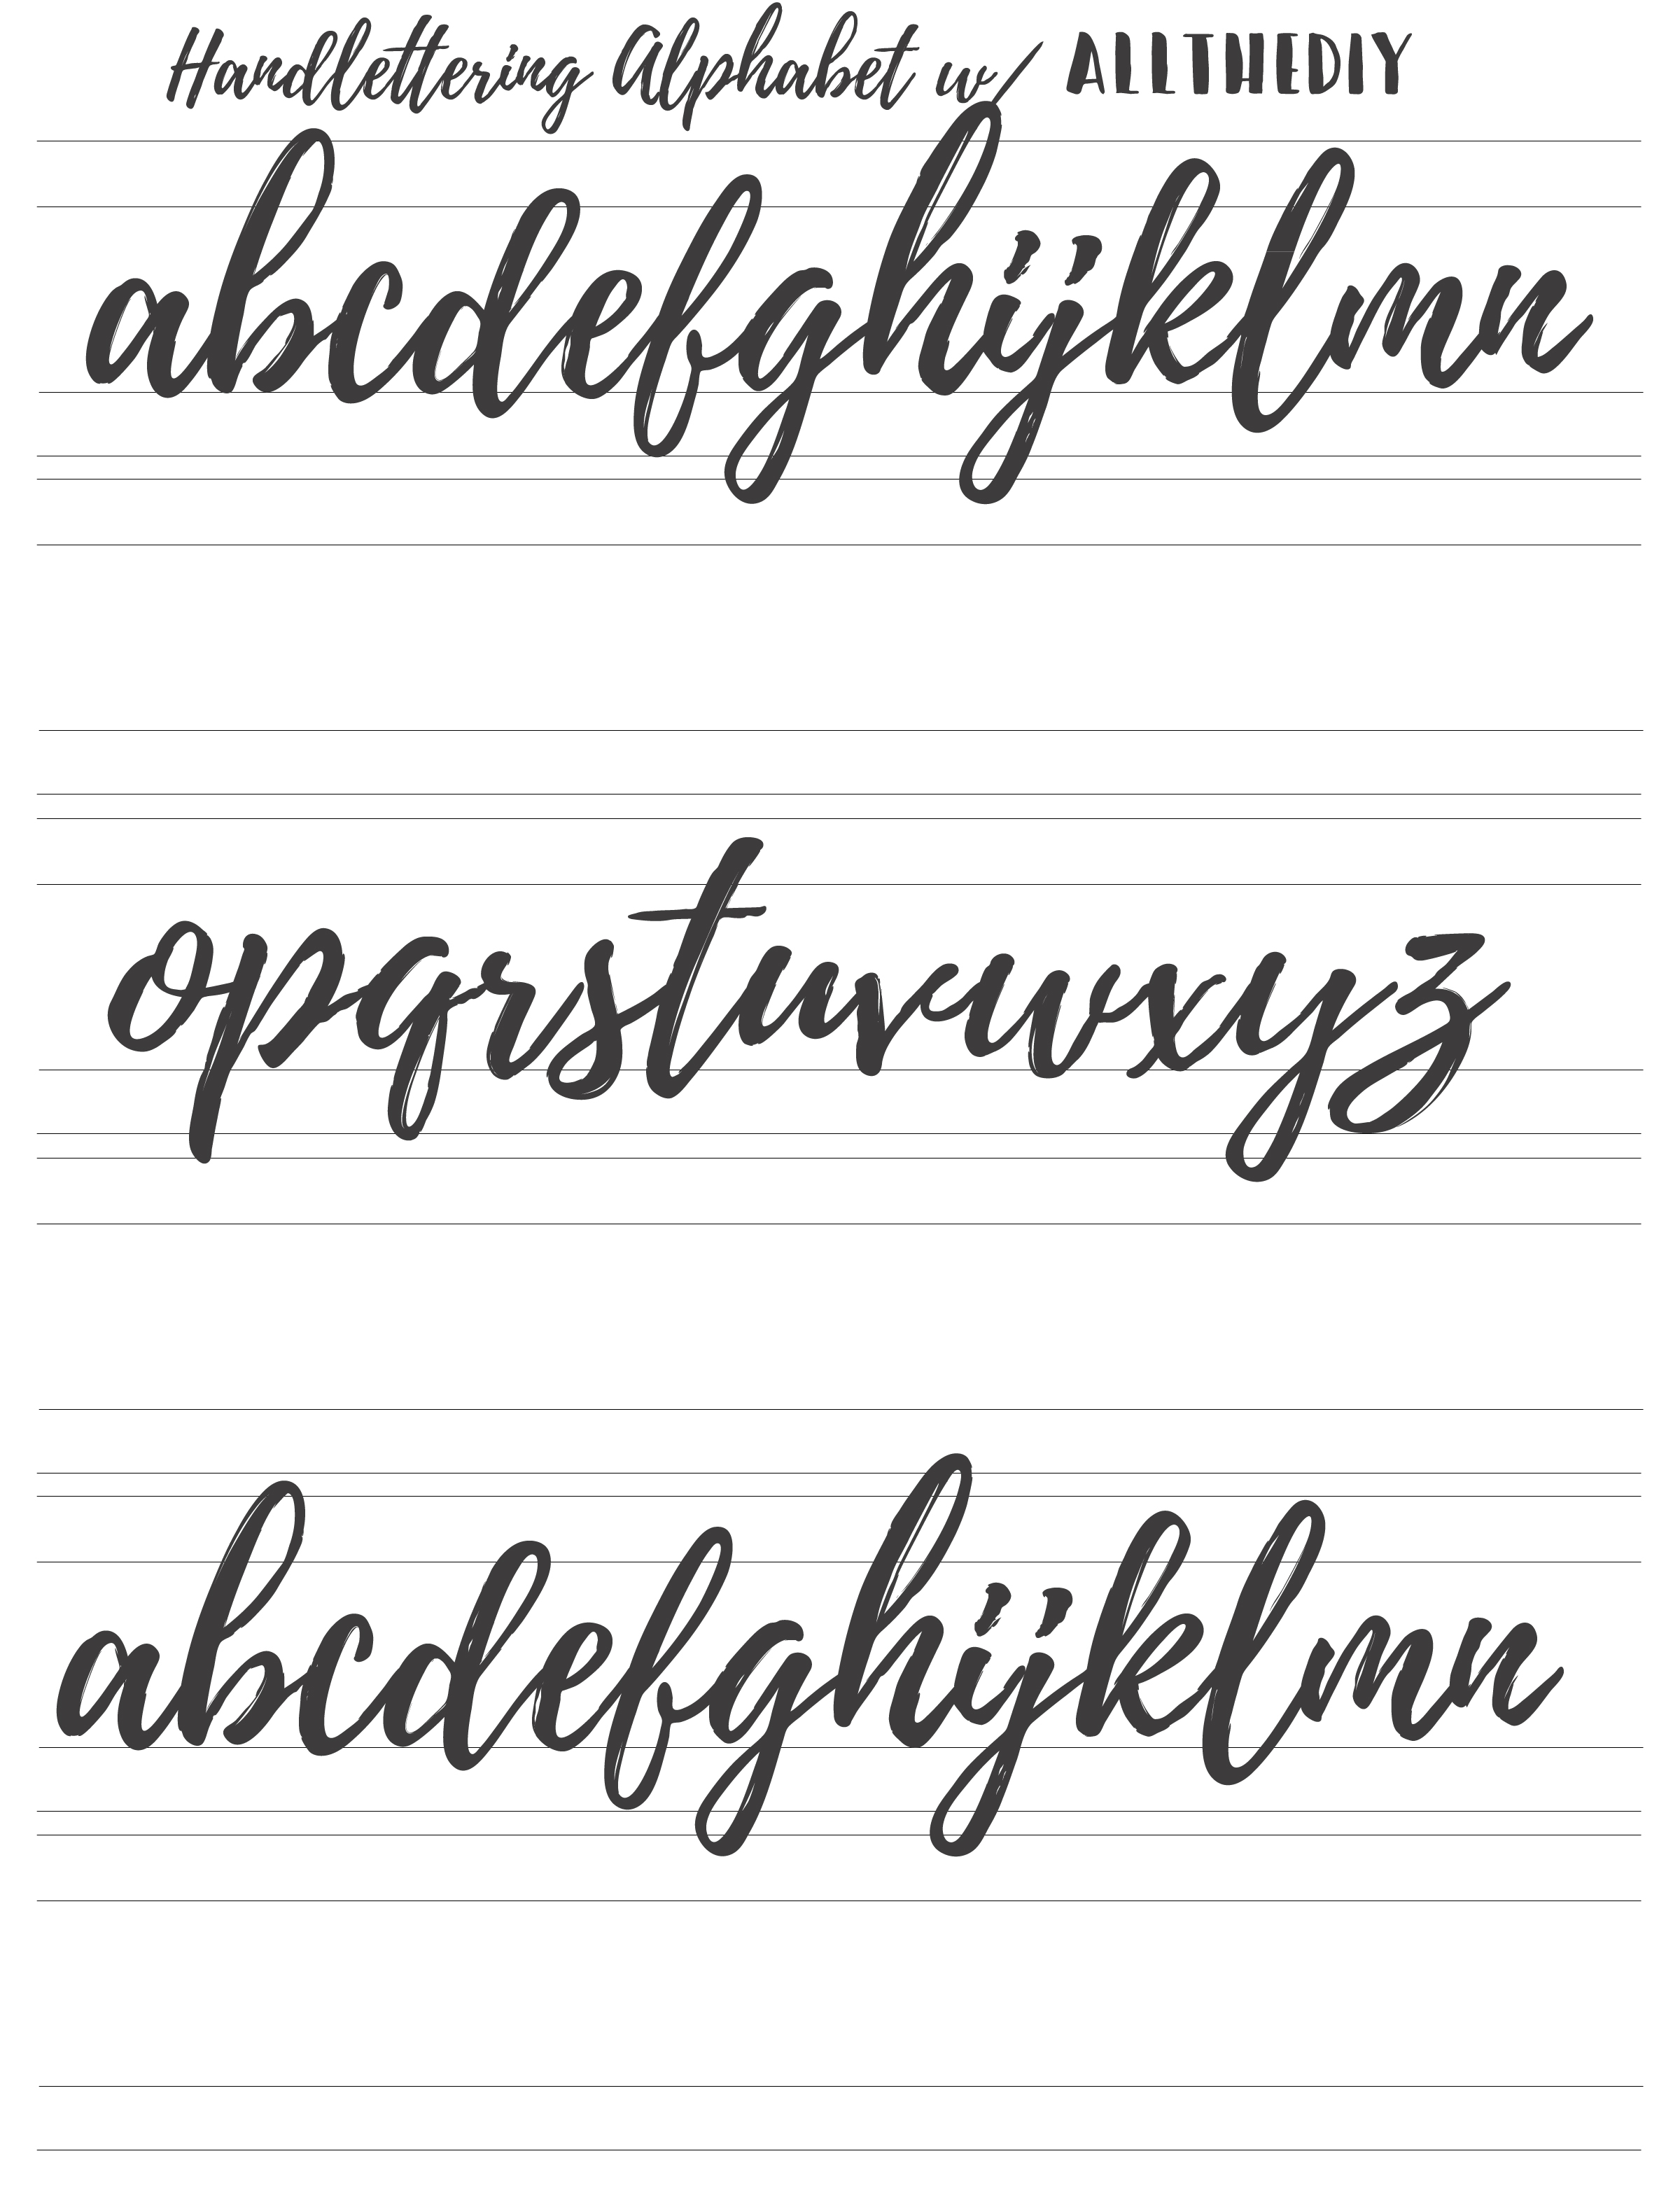 7 Best Hand Lettering Tips for Beginners